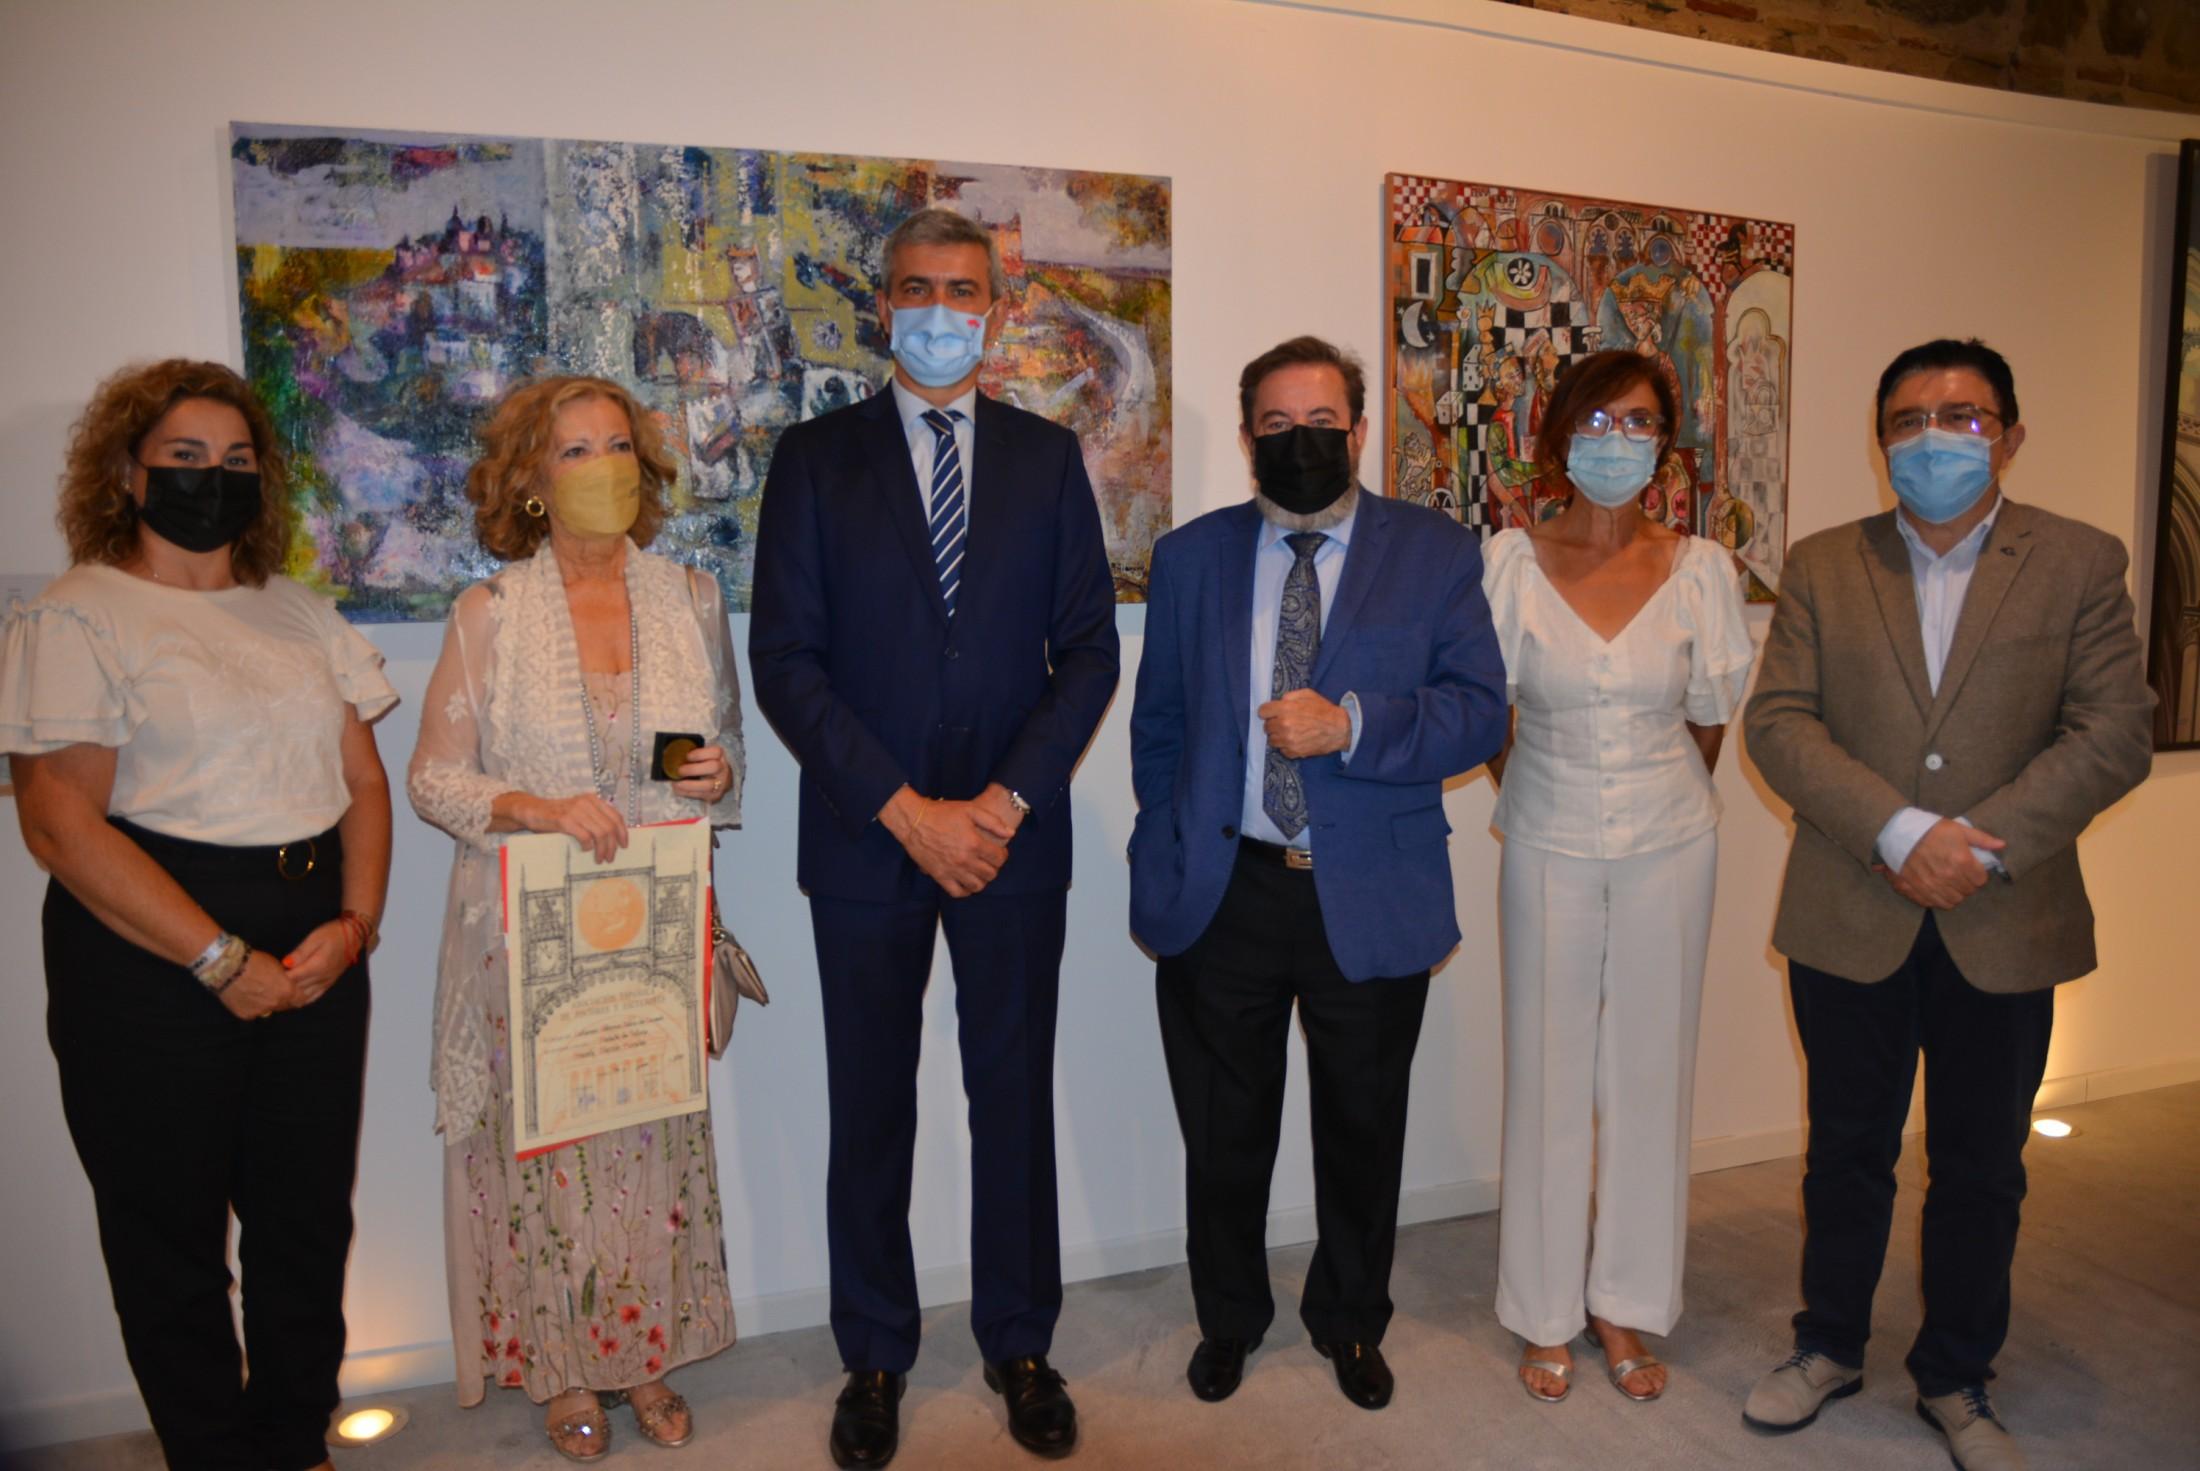 Álvaro Gutiérrez con los premiados en el certamen cuyas obras forman la exposición Alfonso X